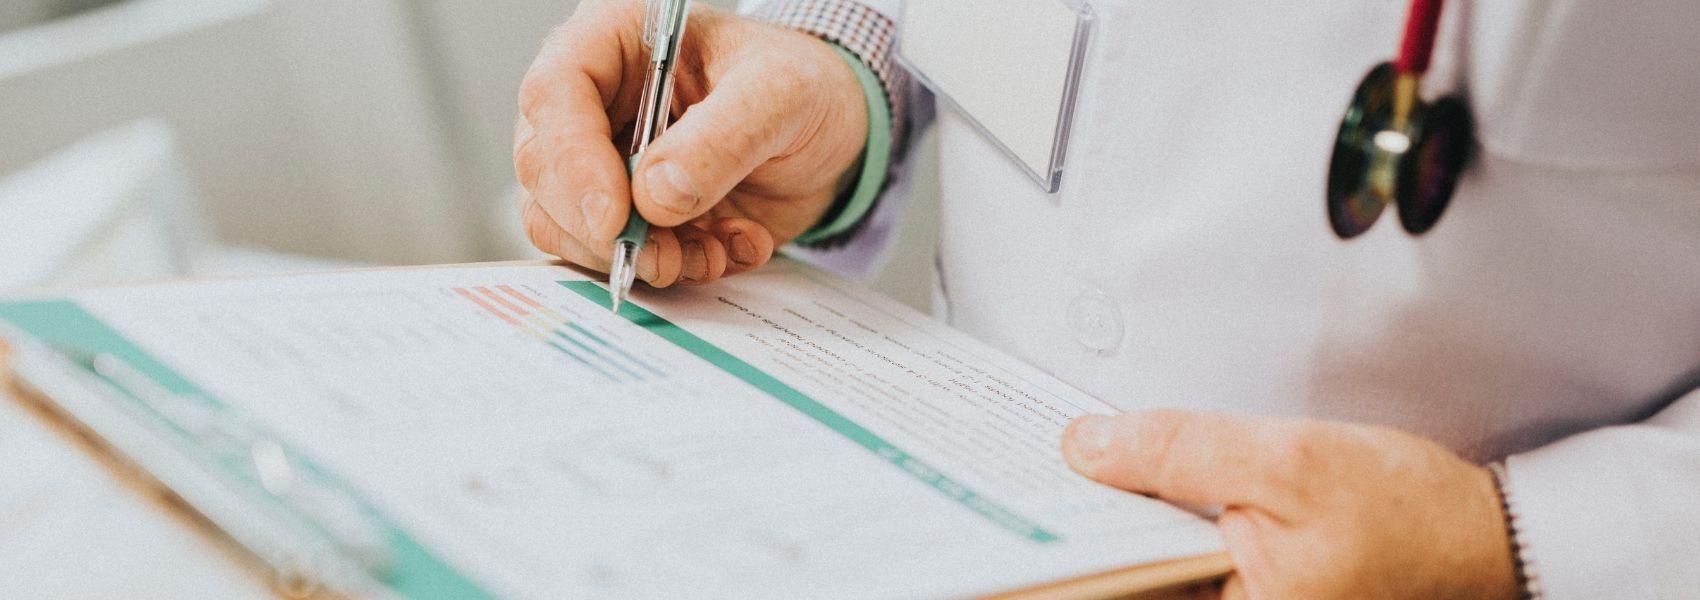 Estudo apela a reforço e mudança no ensino da dor aos futuros médicos